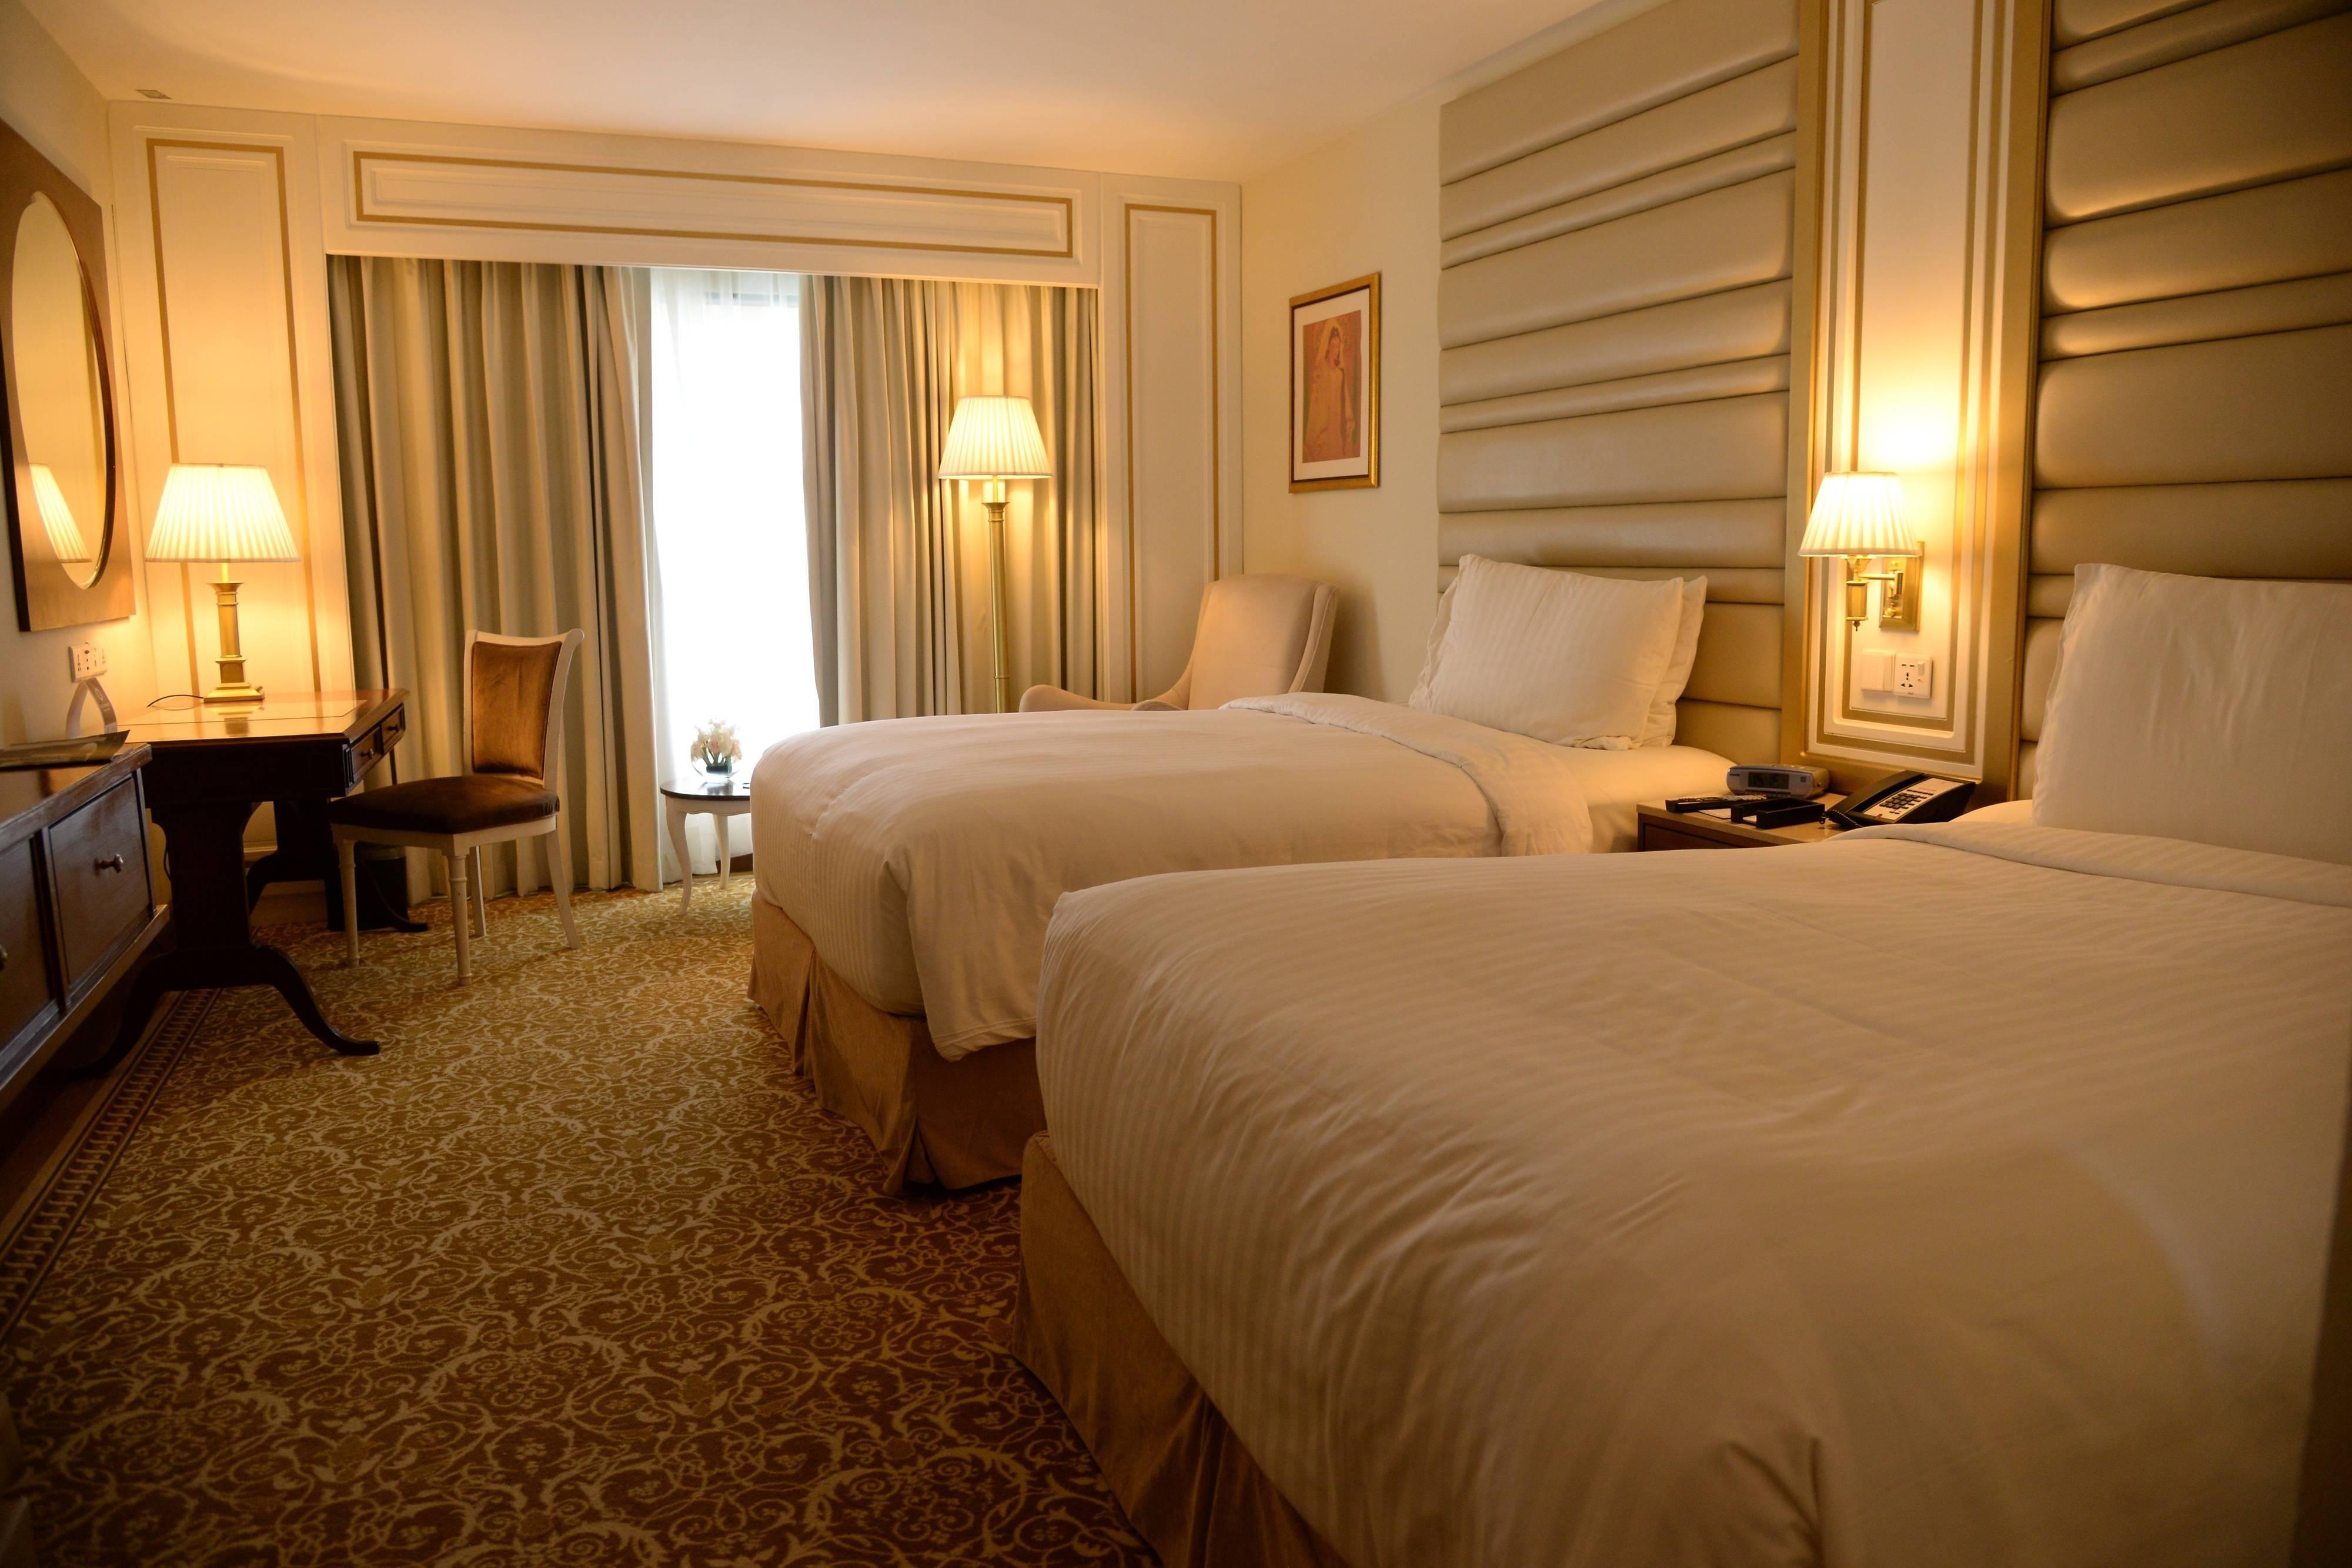 billige hoteller i karachi til dating beklager ikke dating mere